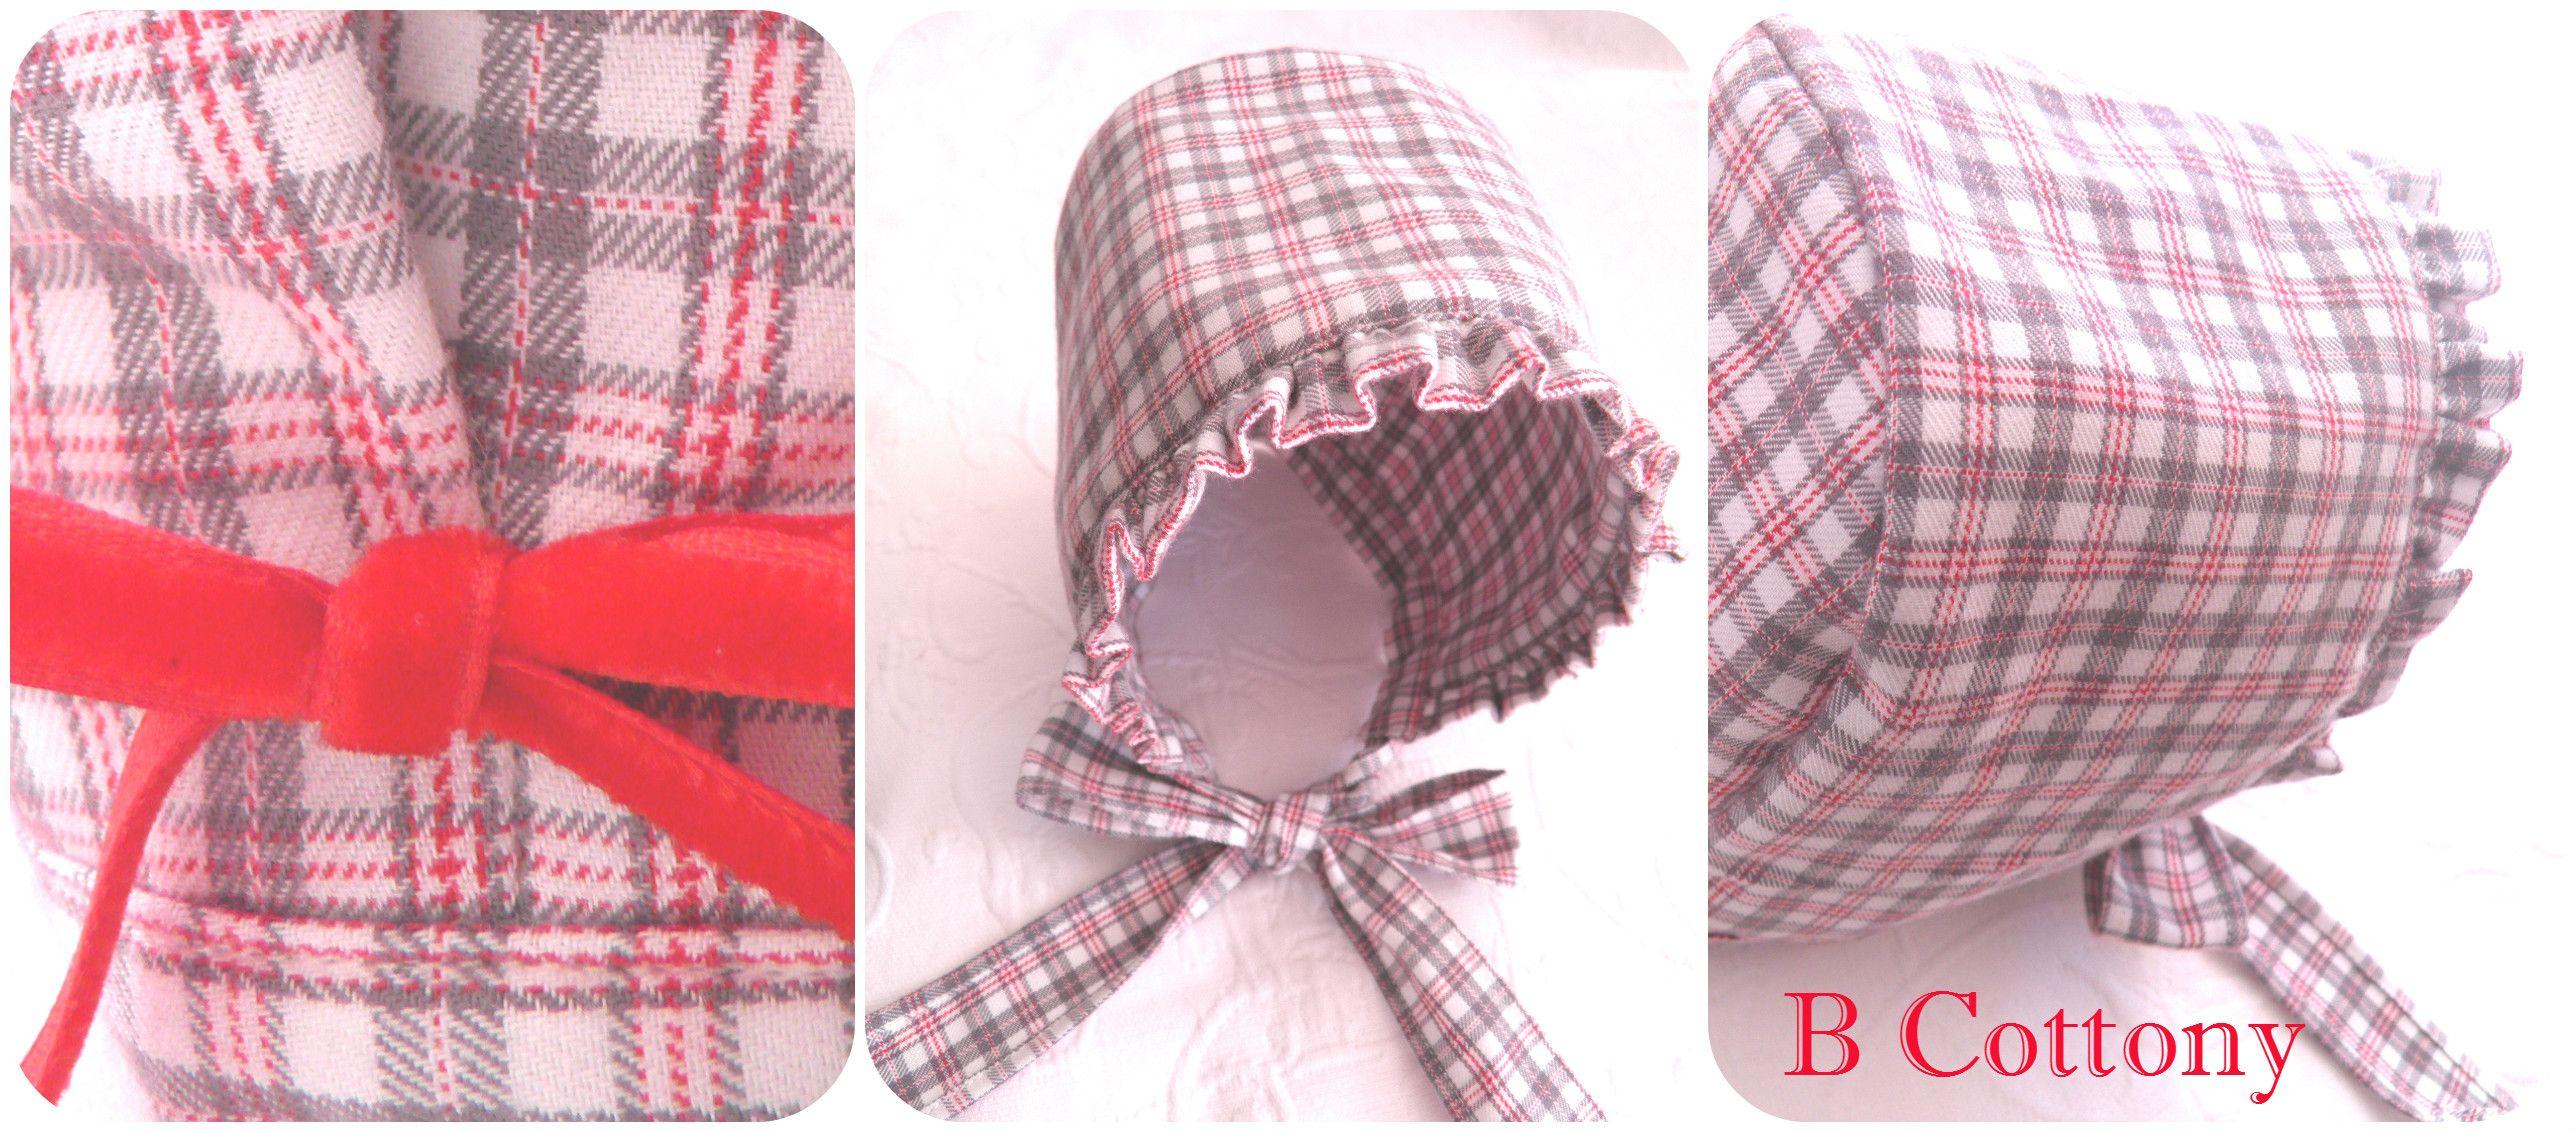 Touca em xadrez encarnado / cinzento com lacinho em veludo encarnado - Plaid red / gray cap with red velvet bow